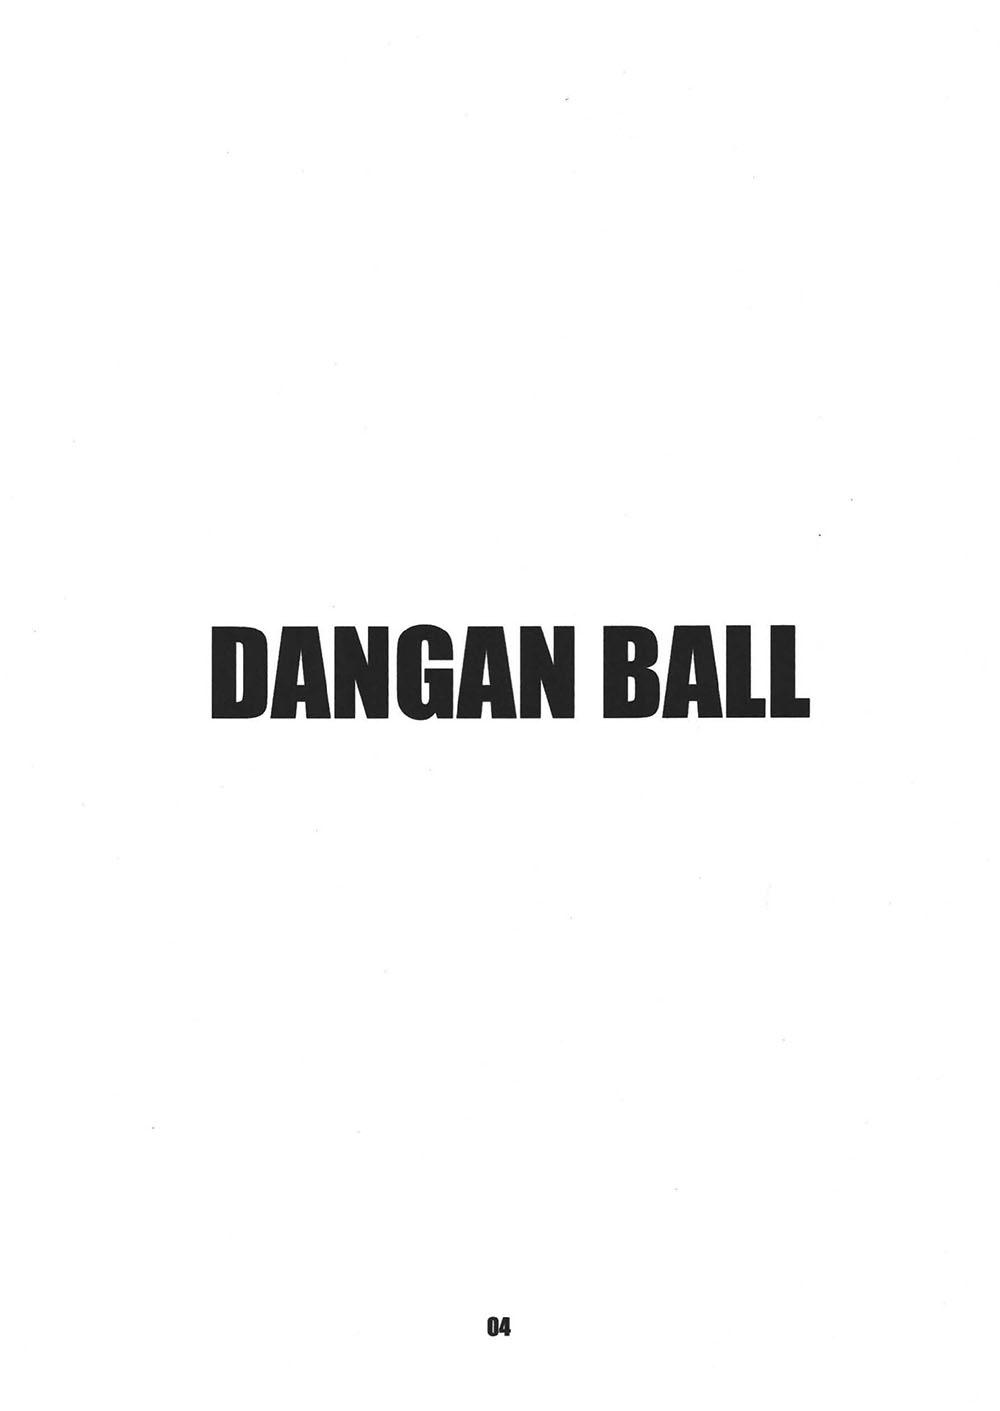 DANGAN BALL Vol 1